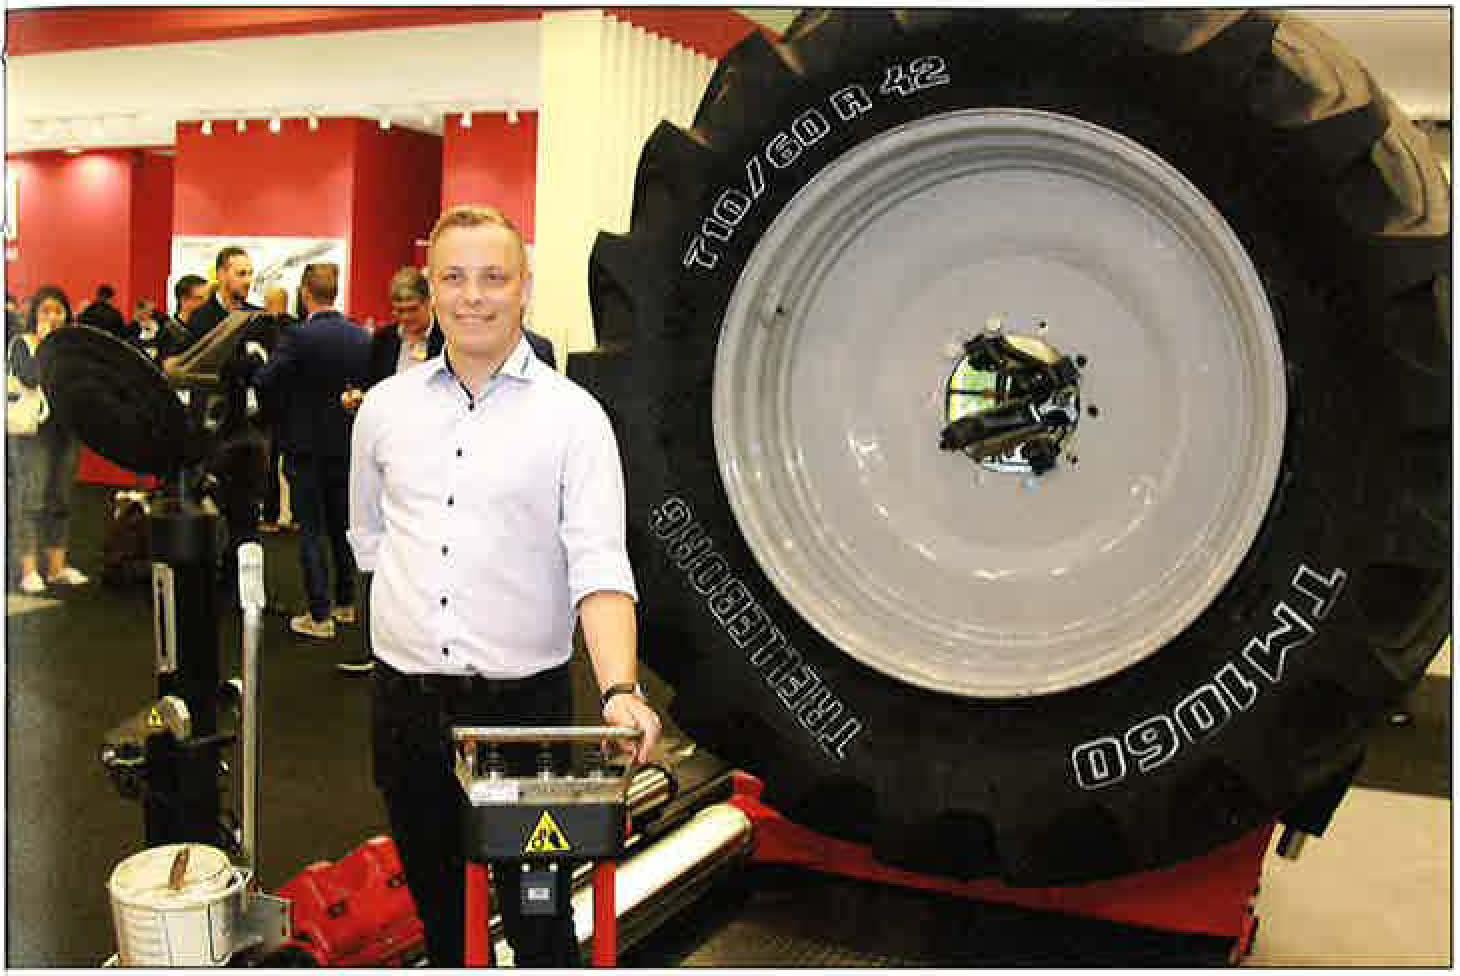 Sælger Rasmus Andersen ved Corghis nyeste stærke dækskifter til de helt store dæk. Også Corghi Artiglio Master Code med sine fuldt automatiserede arbejdsfunktioner blev demonstreret på standen i Bologna. Fuldt dækskifte af alle dæktyper - uden montørens indblanding.